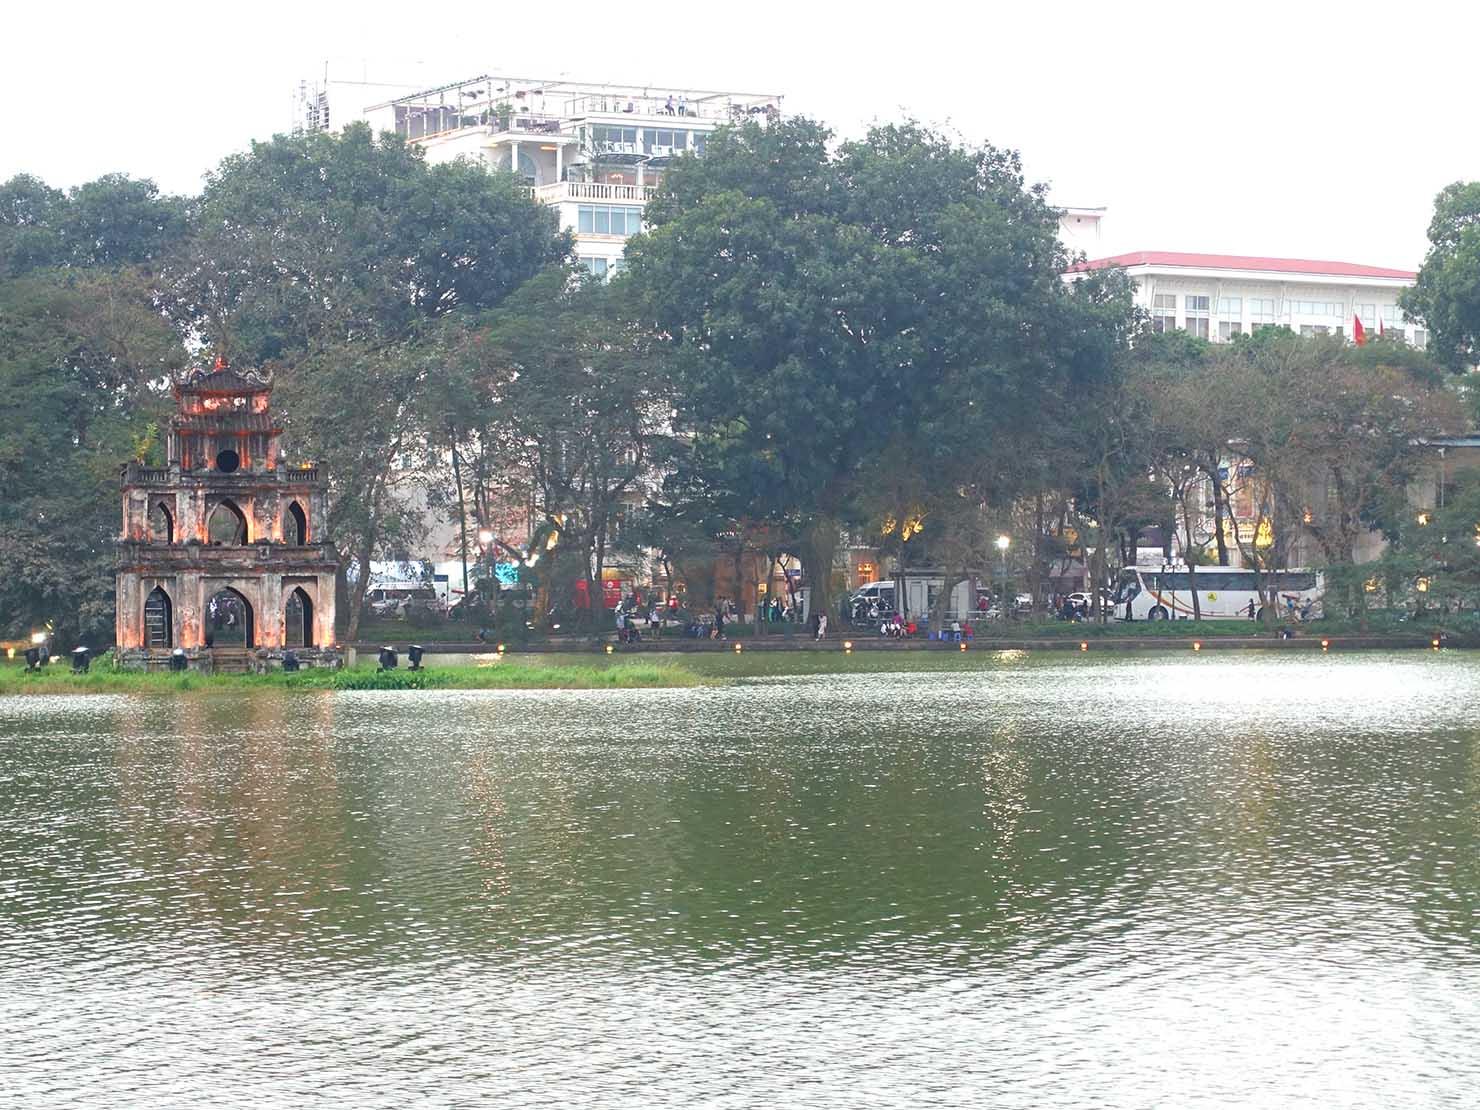 ベトナム・ハノイ旧市街の観光スポット「ホアンキエム湖」